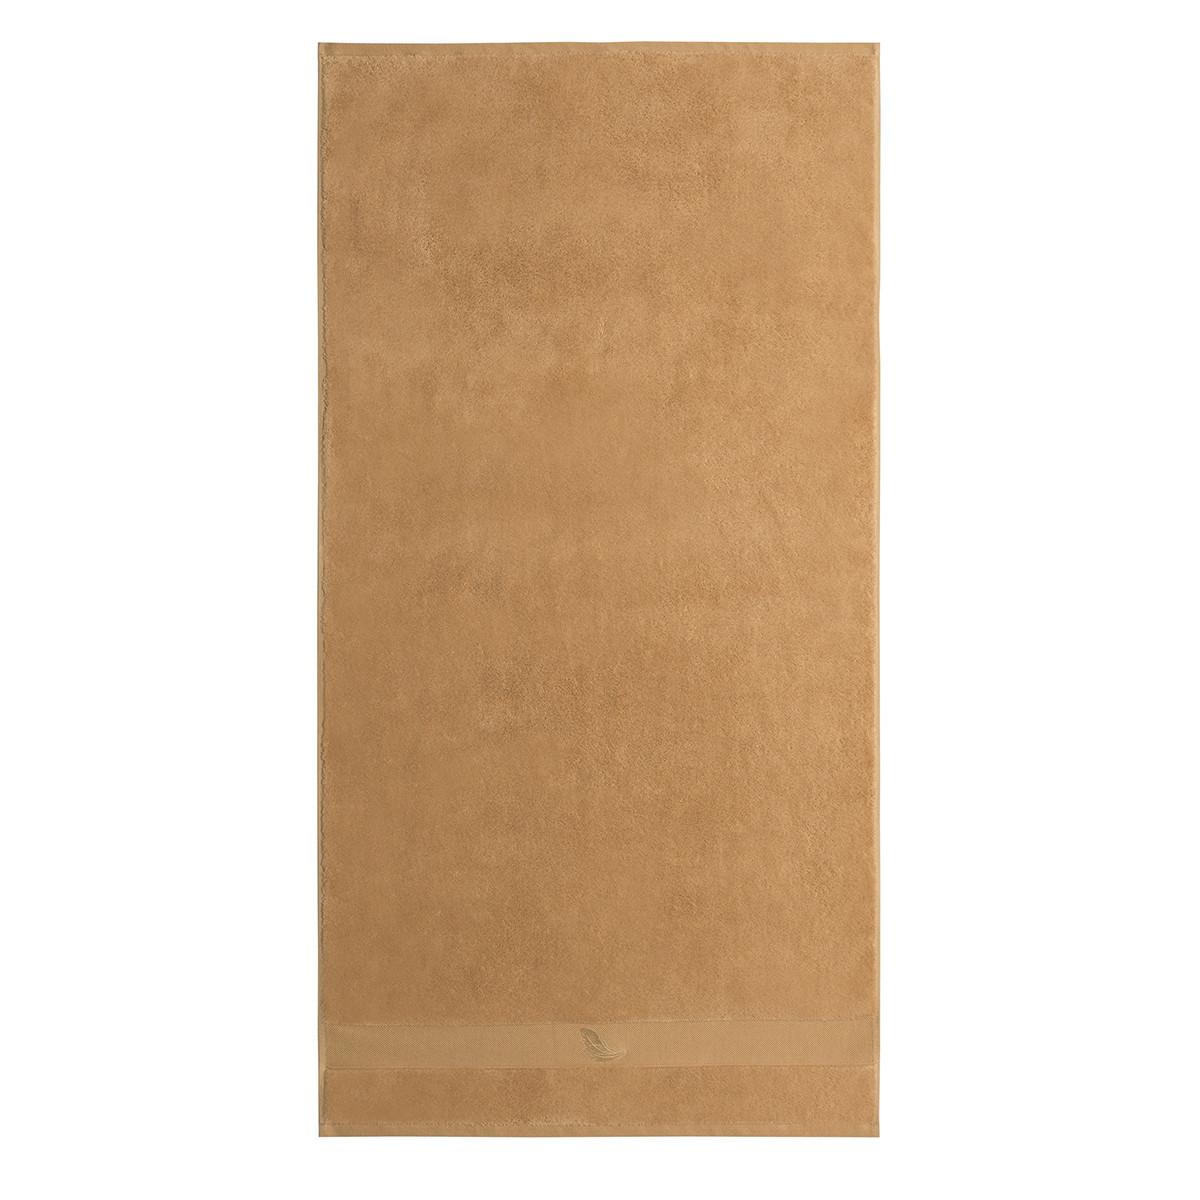 Drap de douche coton 70x140 cm cachemire